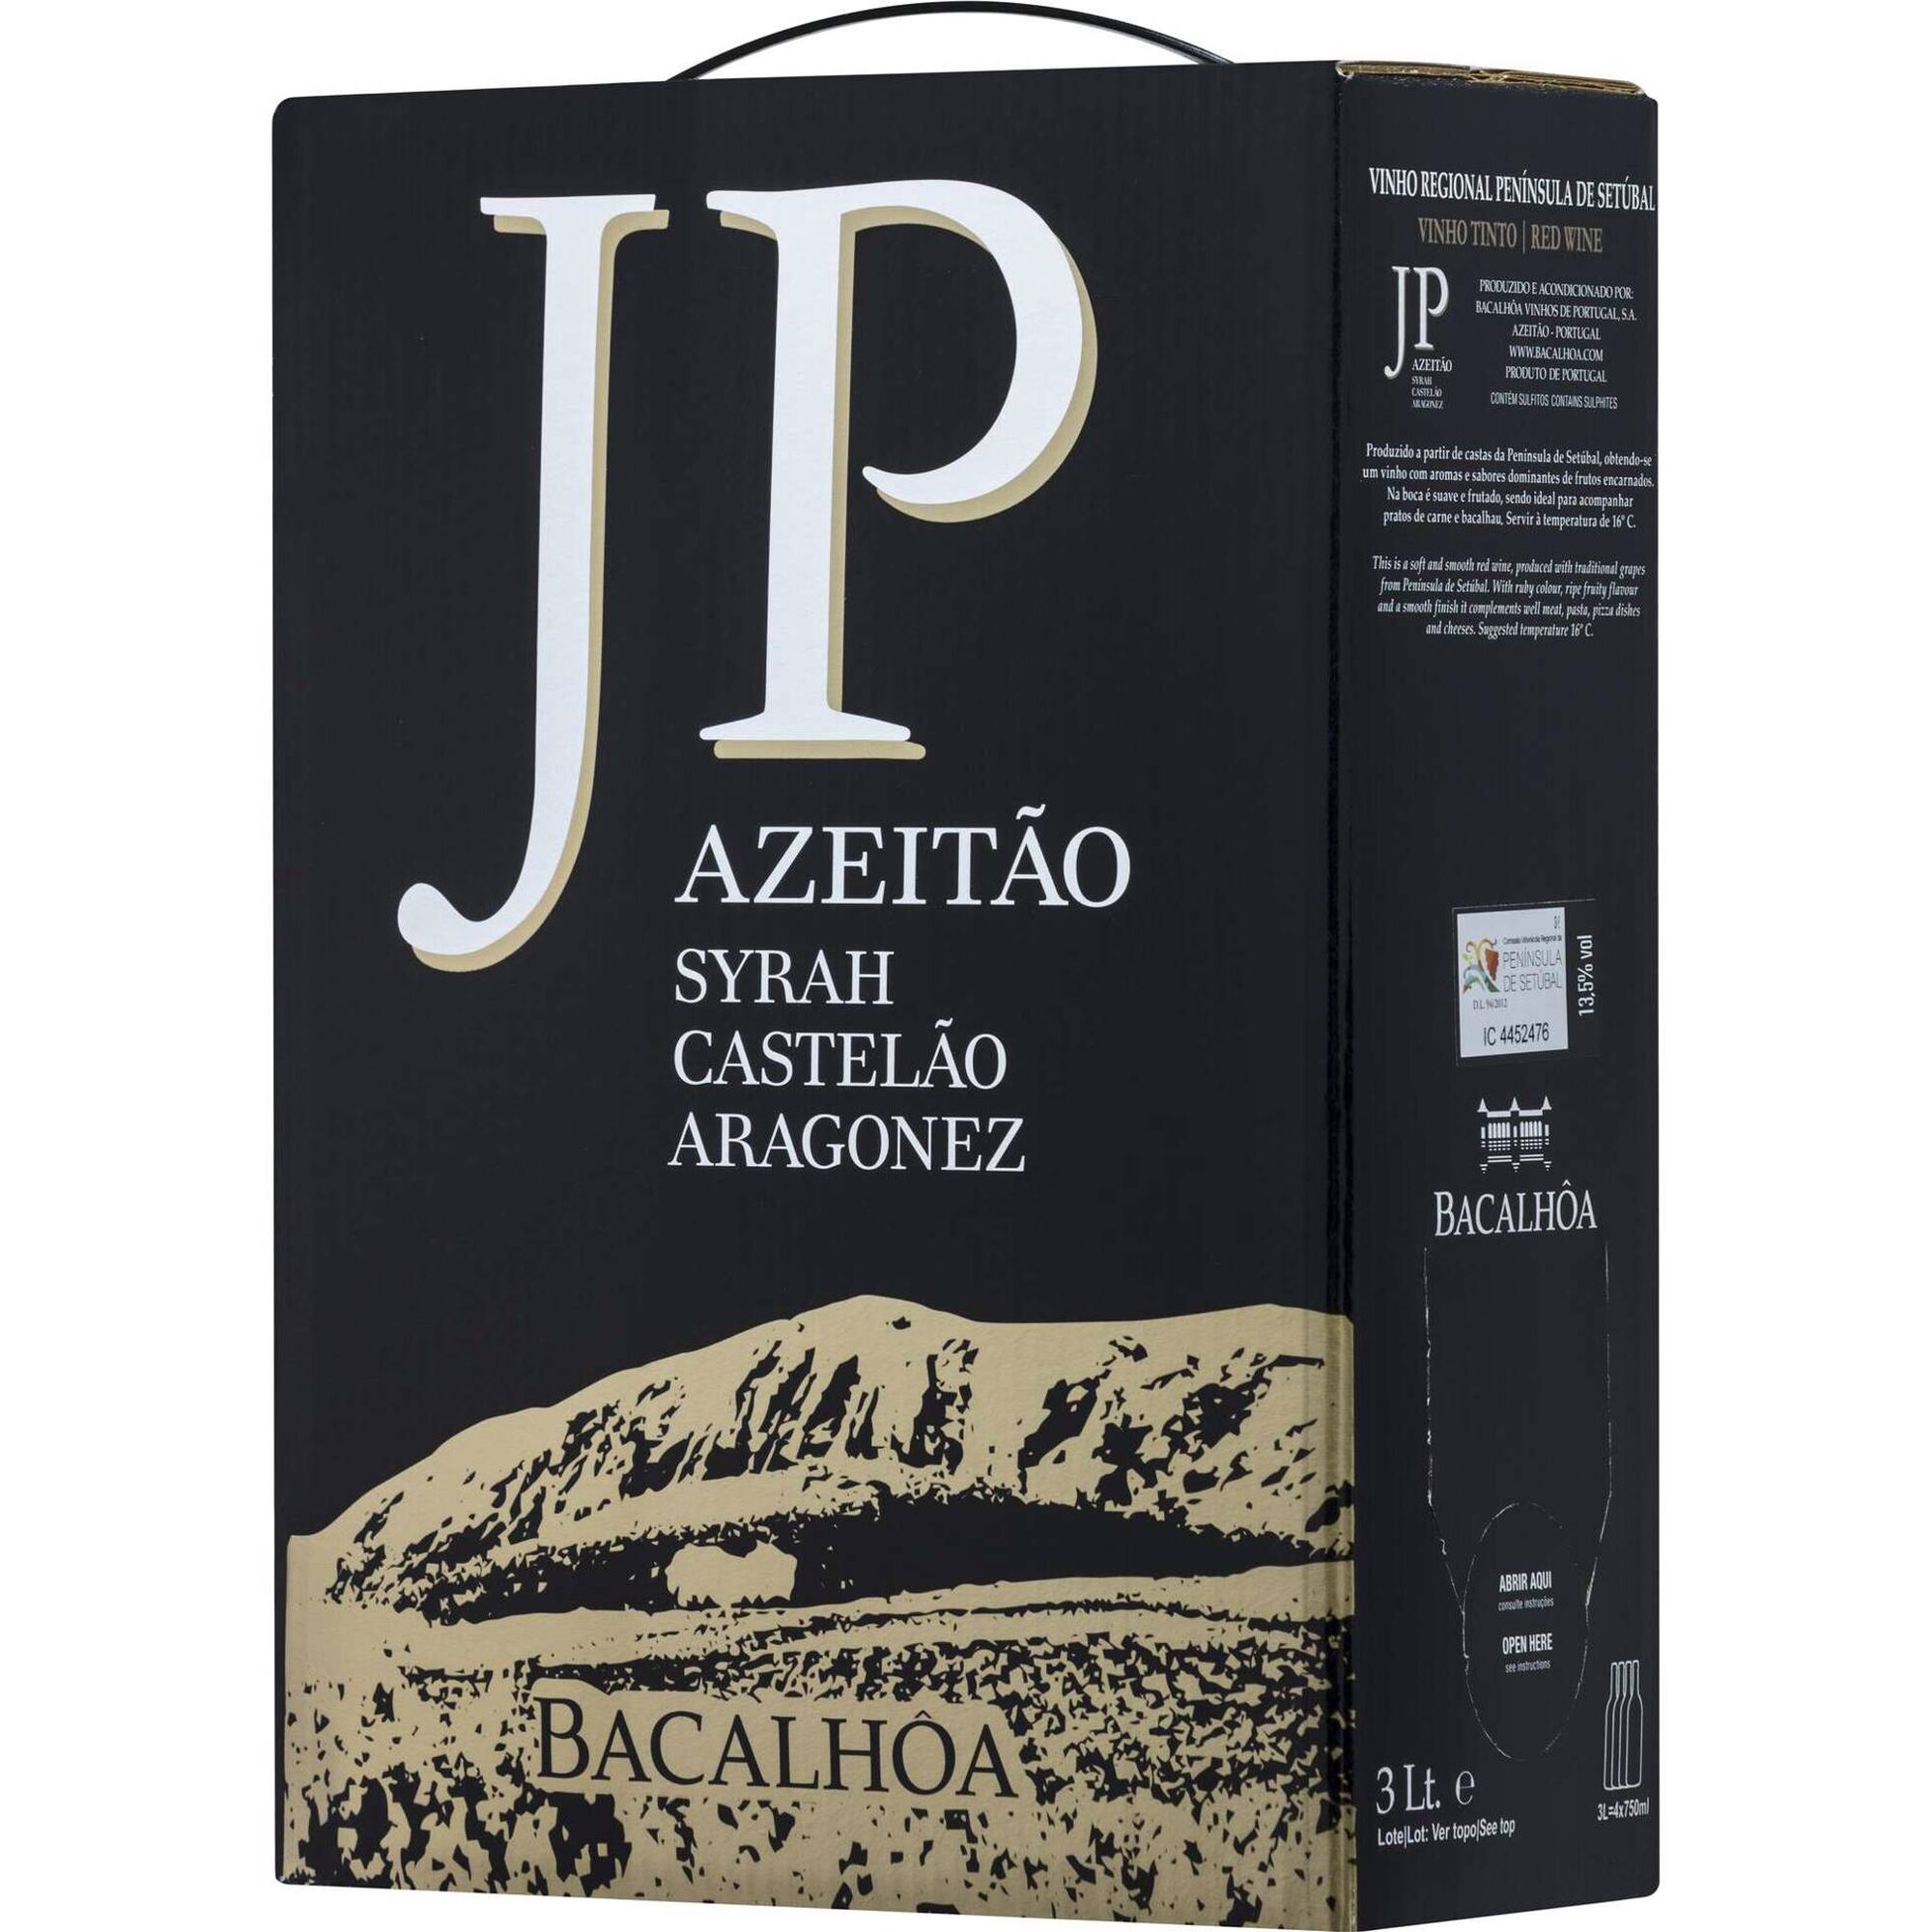 JP Regional Península de Setúbal Vinho Tinto